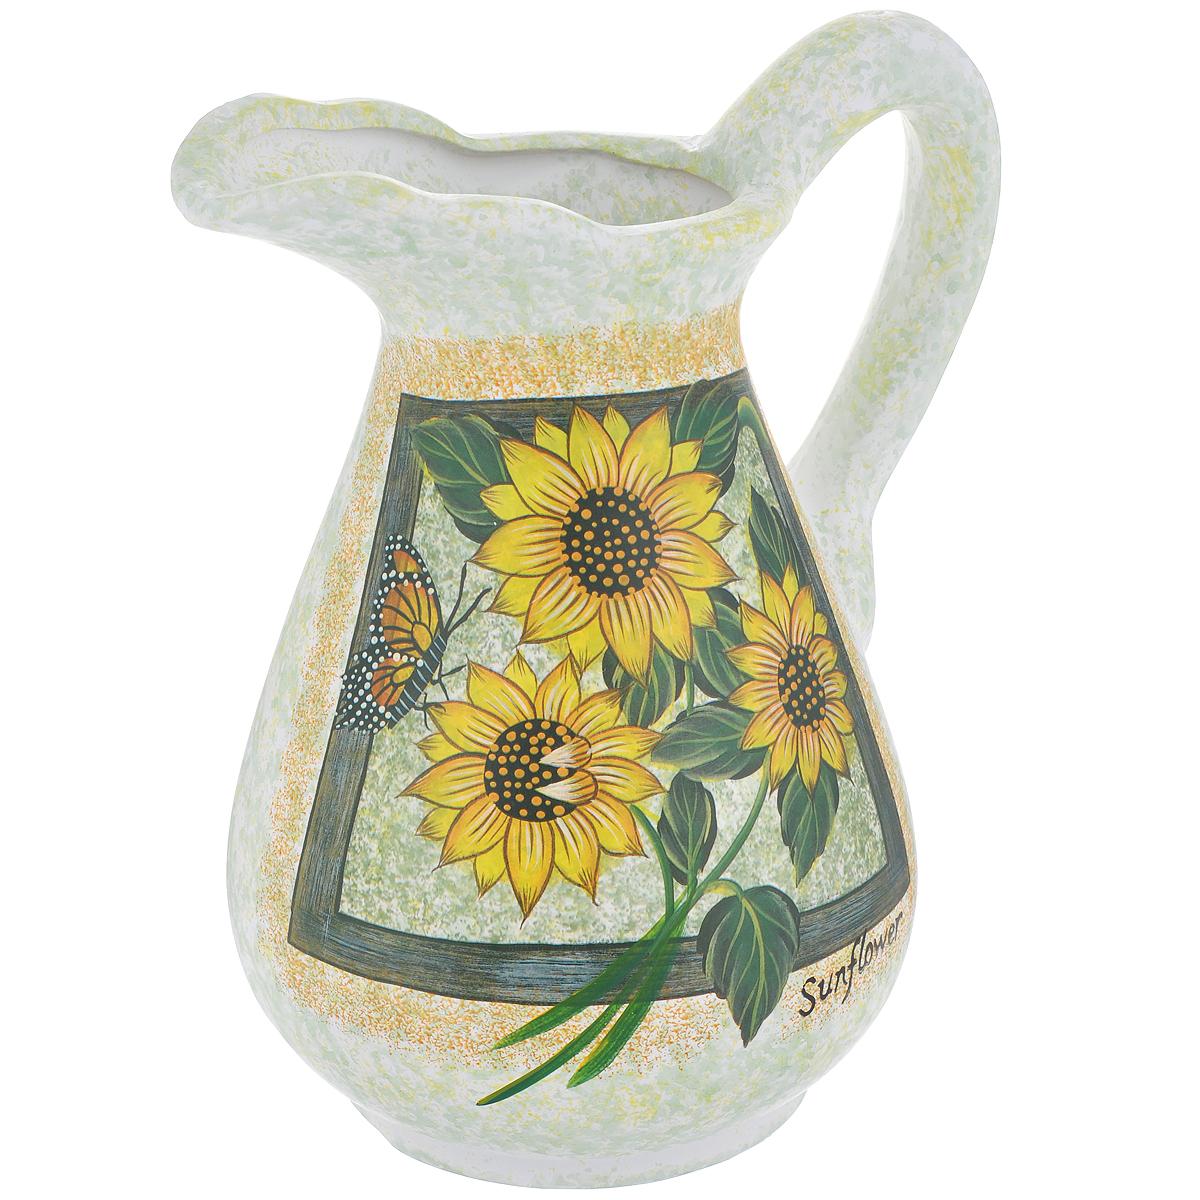 Ваза Lillo Солнечные цветы, высота 25 см990/80815/0/03055/255-109Элегантная ваза Lillo Солнечные цветы выполнена из высококачественной керамики в виде кувшина и декорирована рисунком. Она придется по вкусу и ценителям классики, и тем, кто предпочитает утонченность и изящность. Вы можете поставить вазу в любом месте, где она будет удачно смотреться и радовать глаз. Такая ваза подойдет и для цветов, и для декора интерьера. Кроме того - это отличный вариант подарка для ваших близких и друзей. Высота вазы: 25 см.Диаметр основания: 11,5 см.